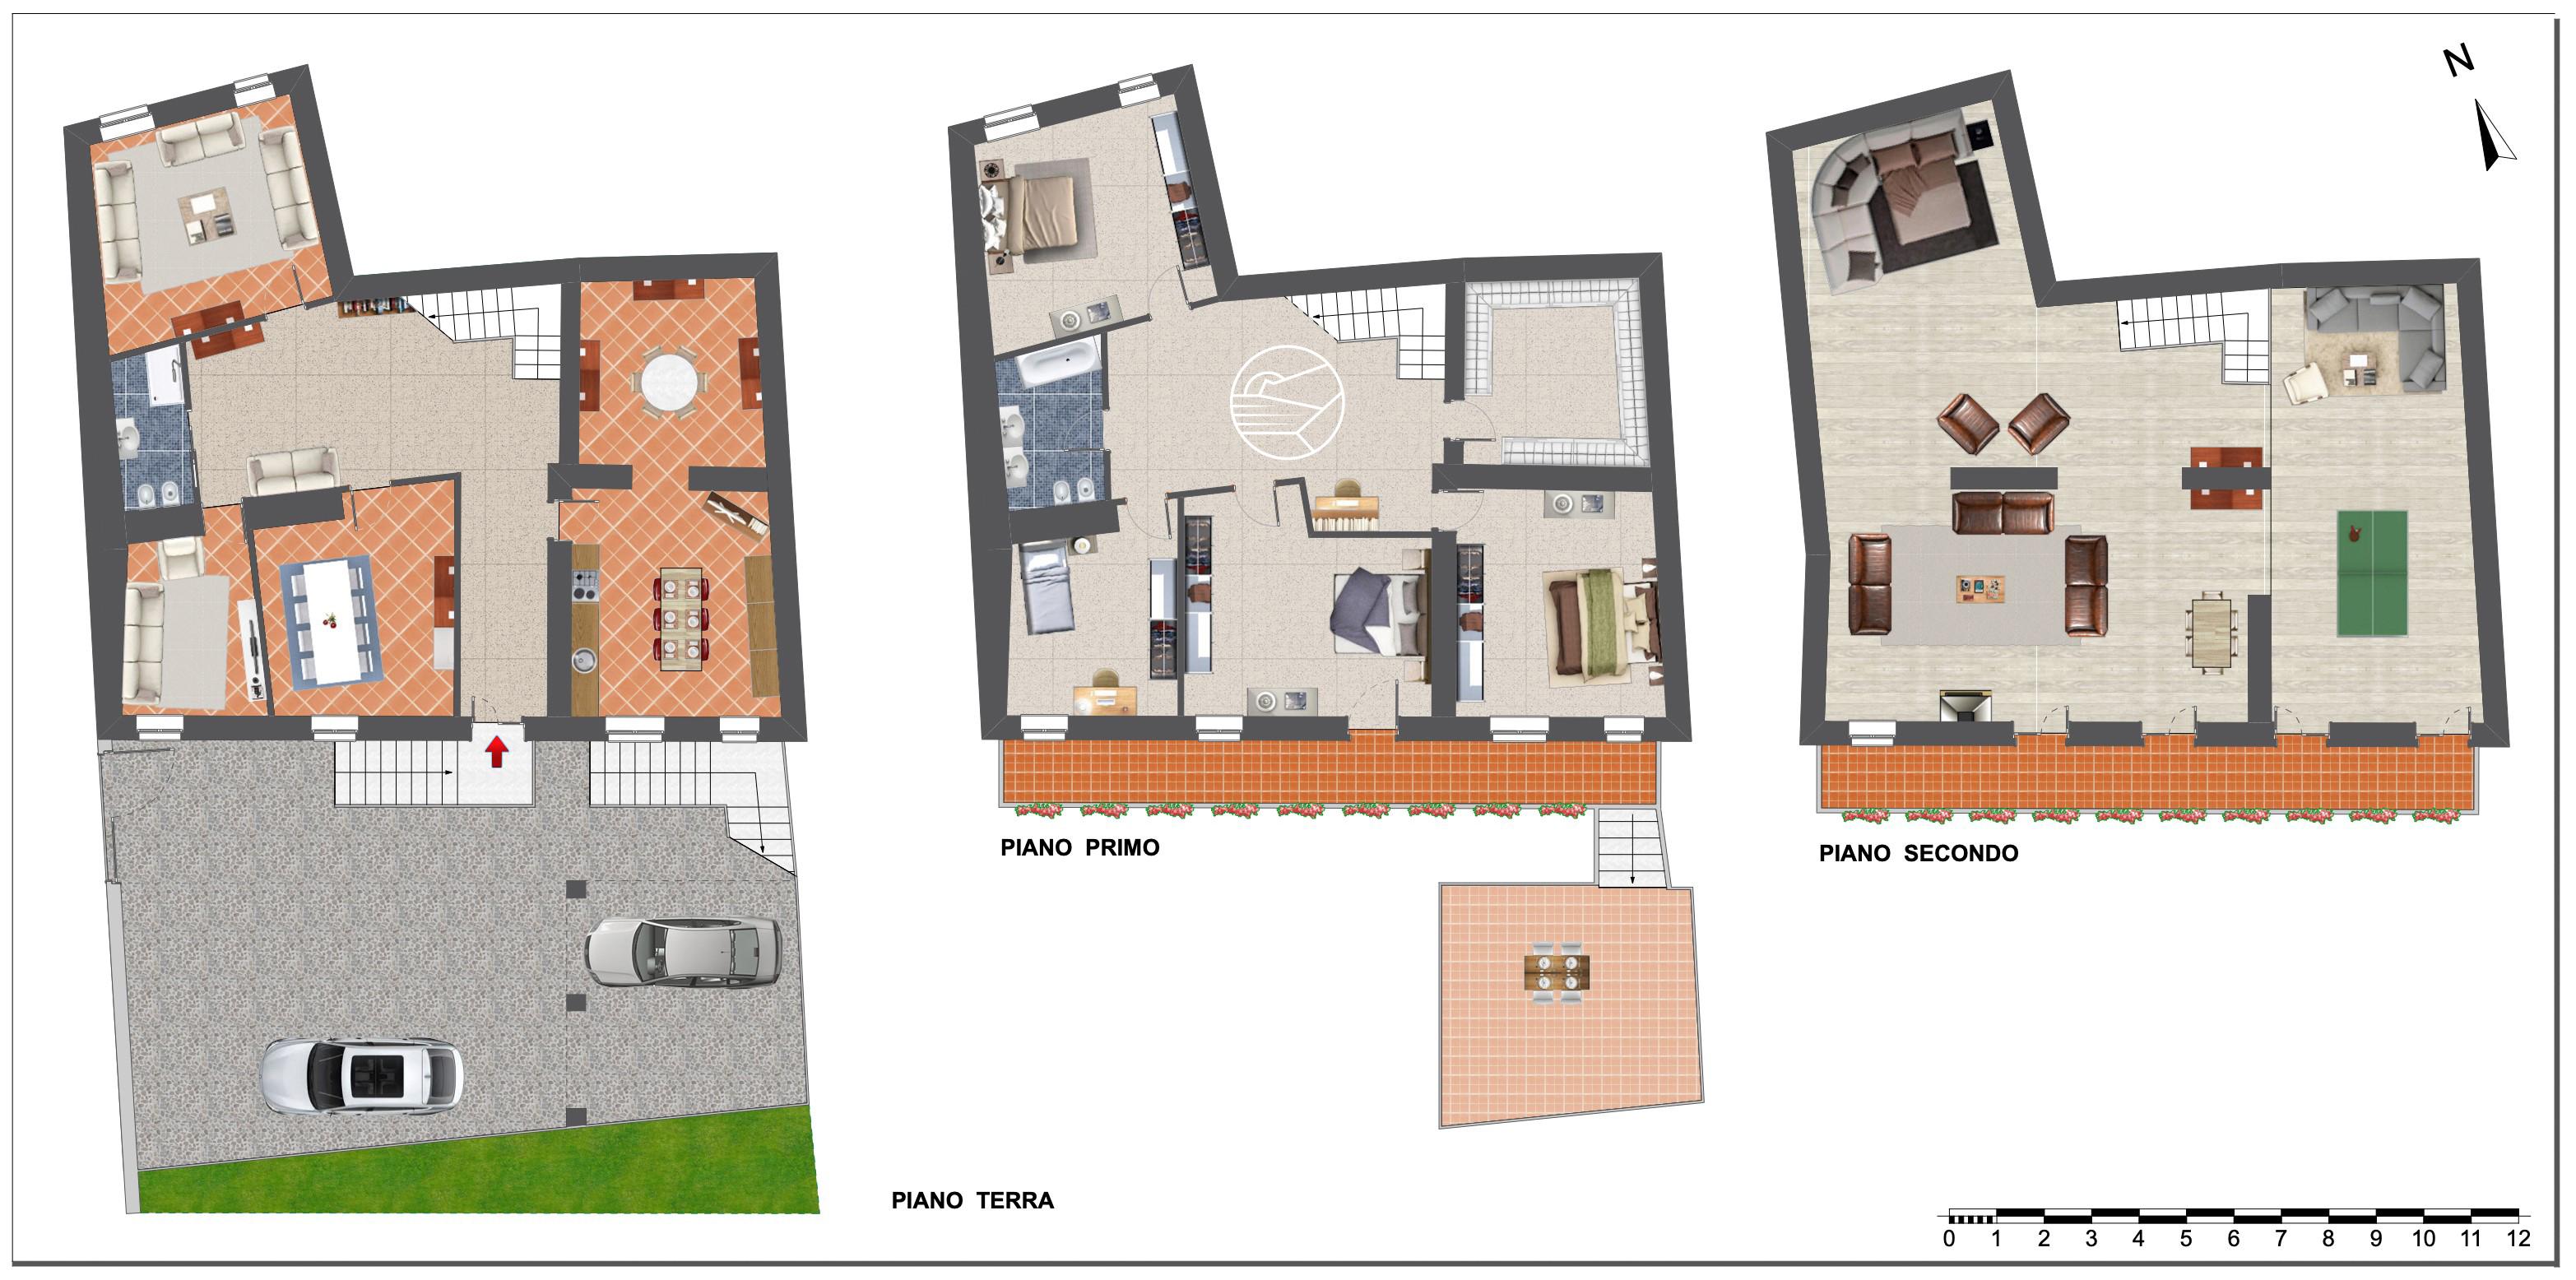 221-planimetria-Alto Garda Immobiliare